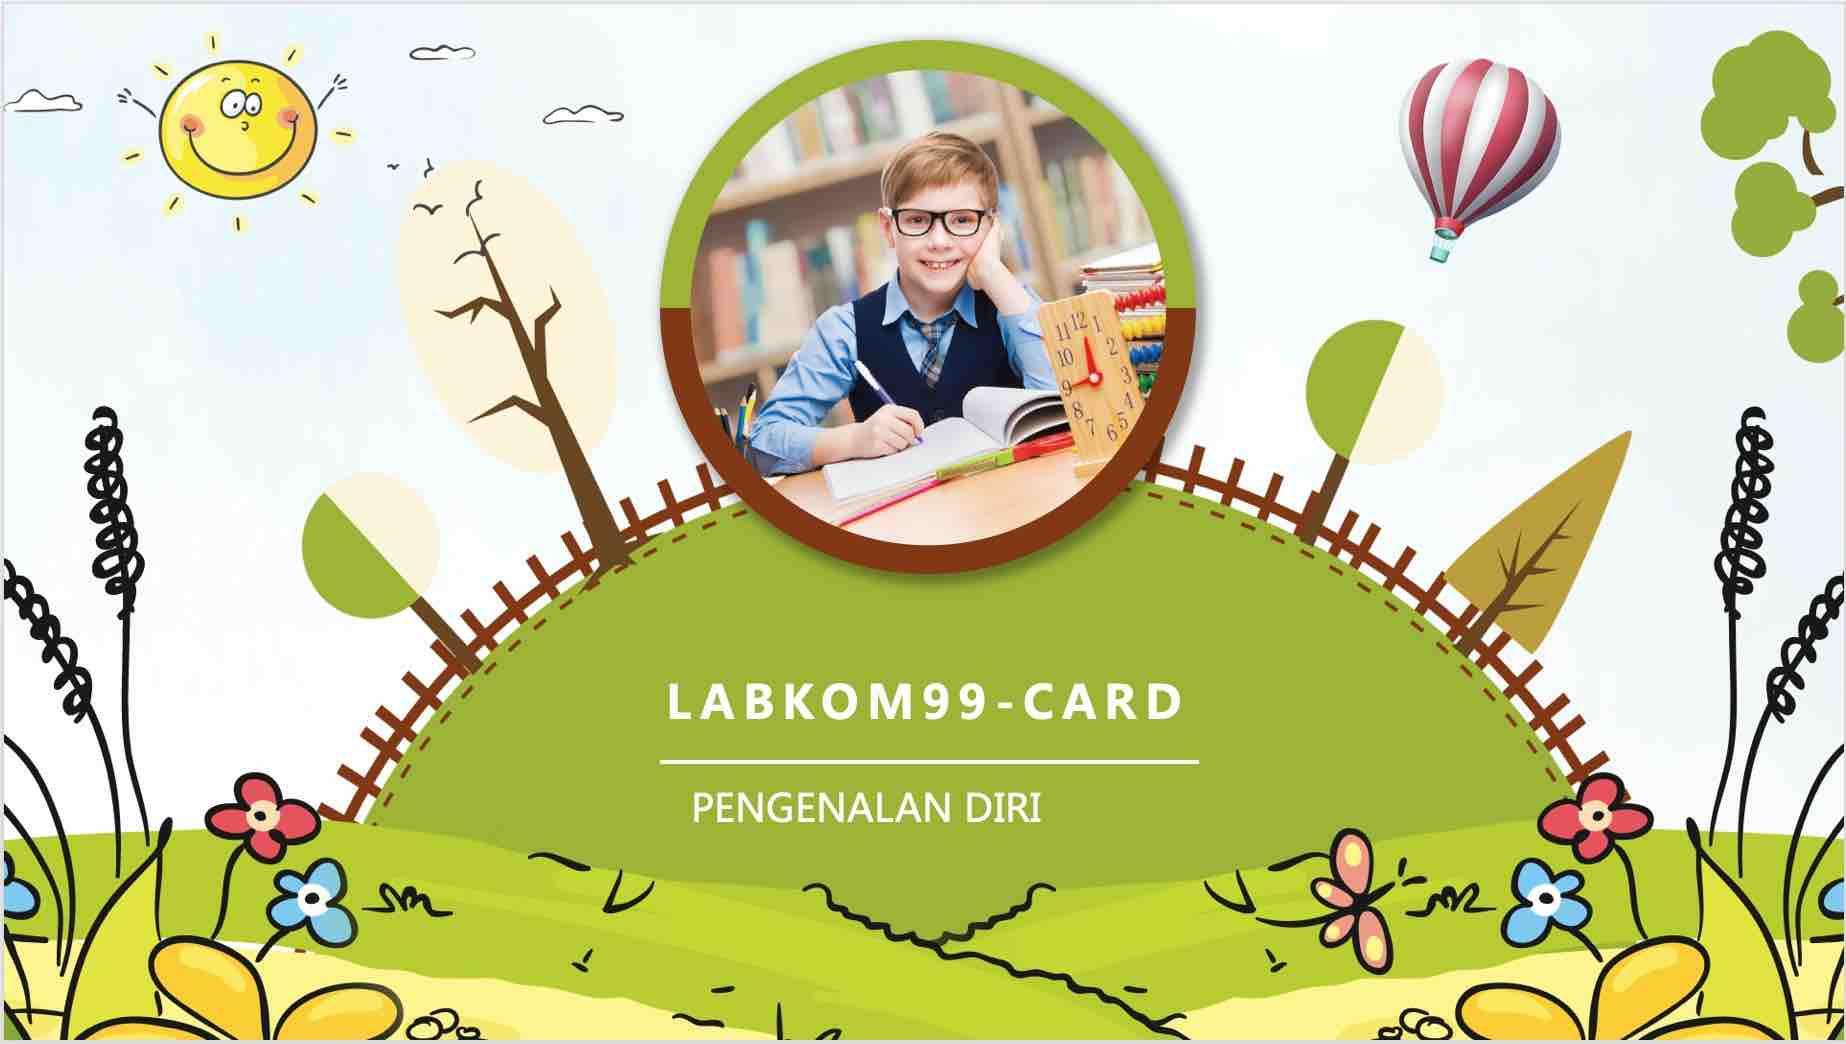 Labkom99-Card